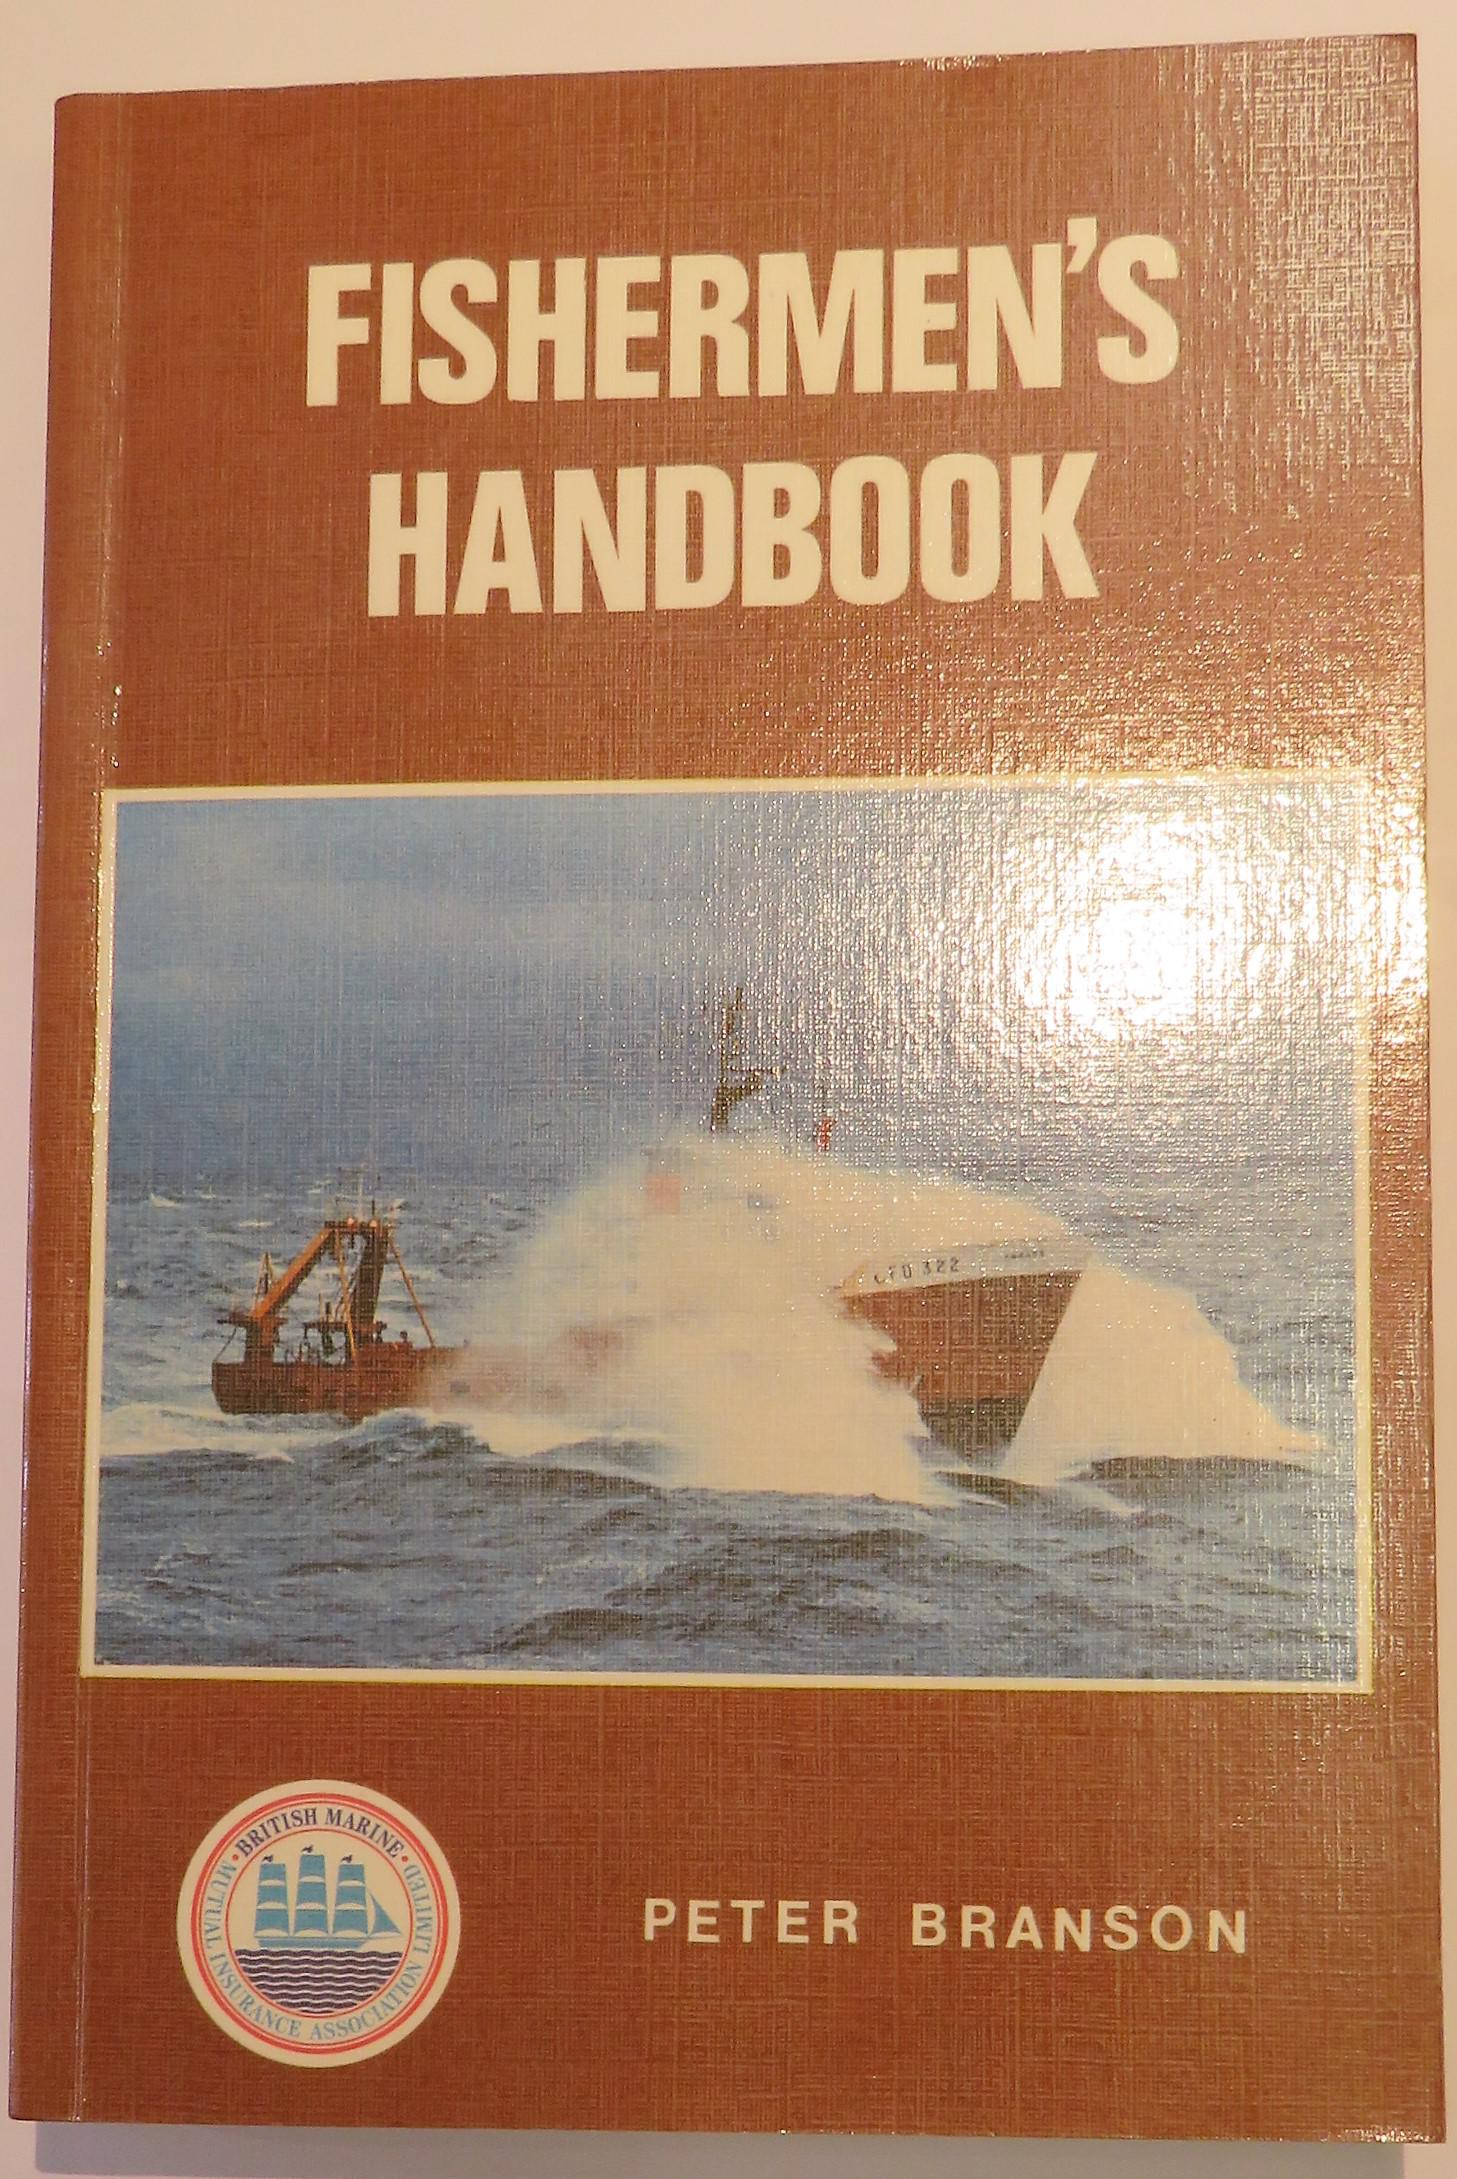 Fishermen's Handbook